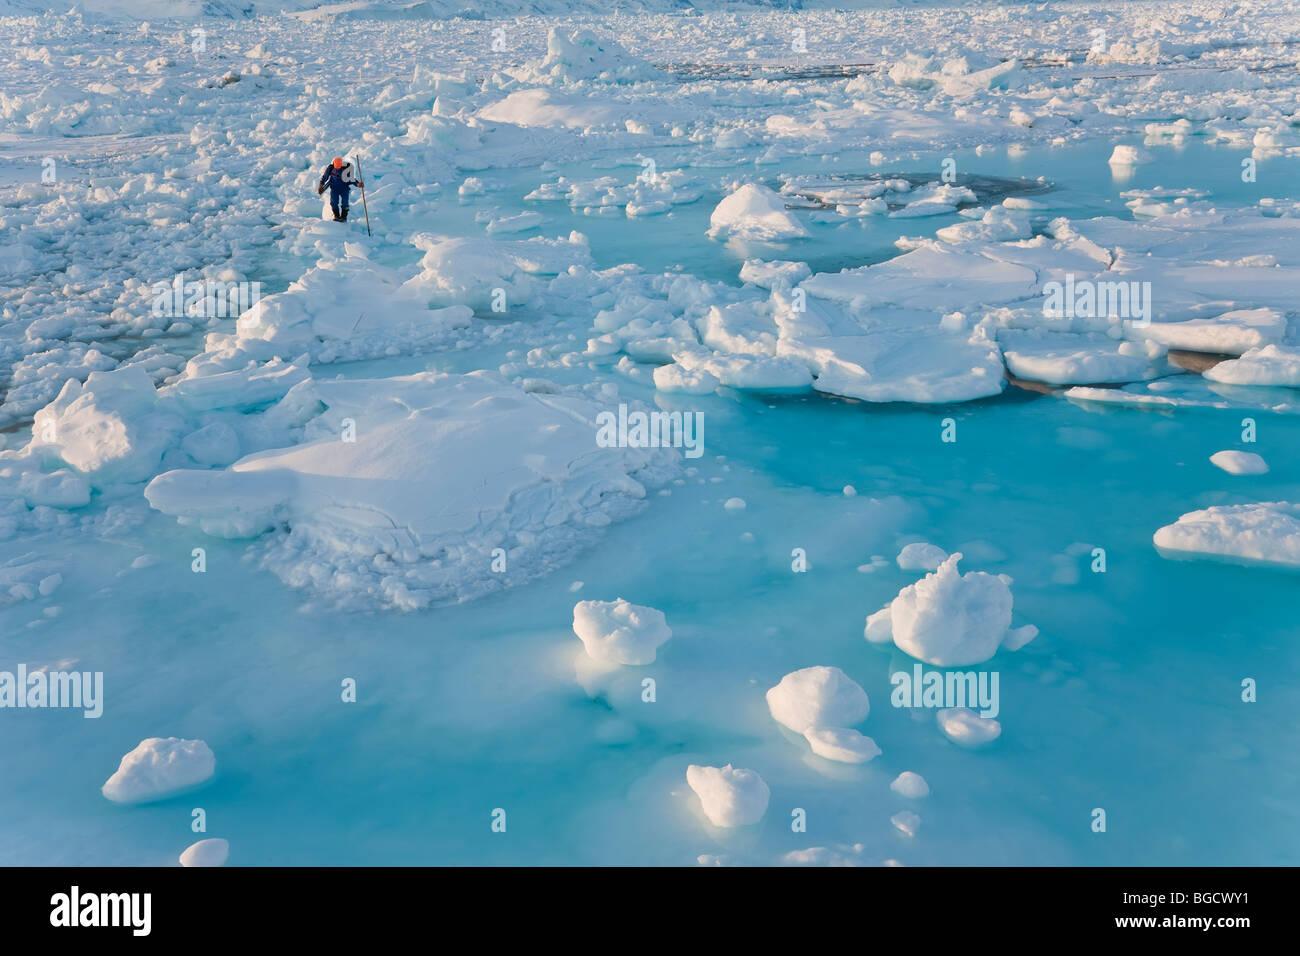 Seal hunter on sea ice, Tiniteqilaq, E. Greenland - Stock Image